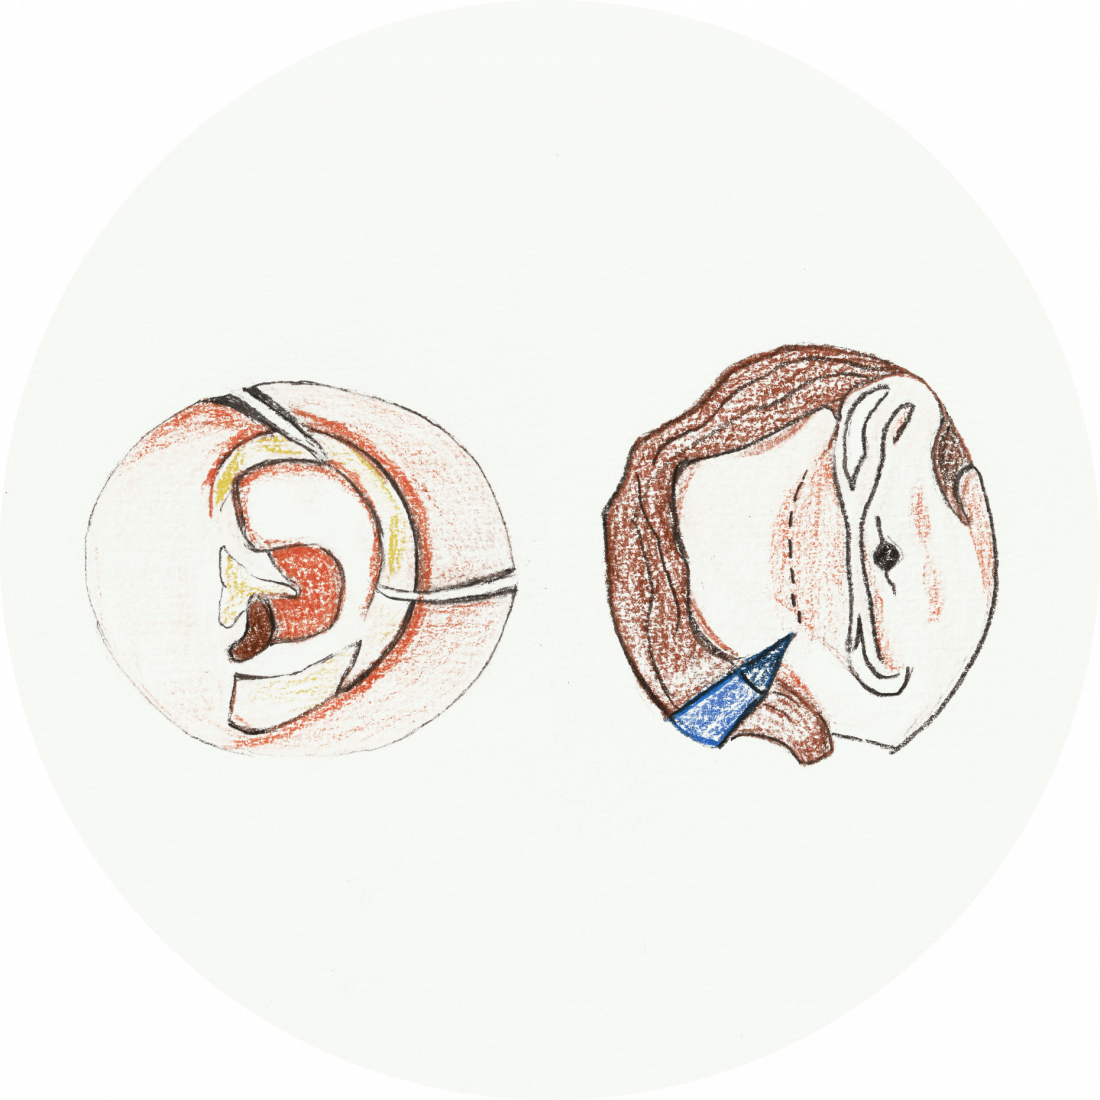 Dettagli Procedurali: Rimodellamento dell'Orecchio